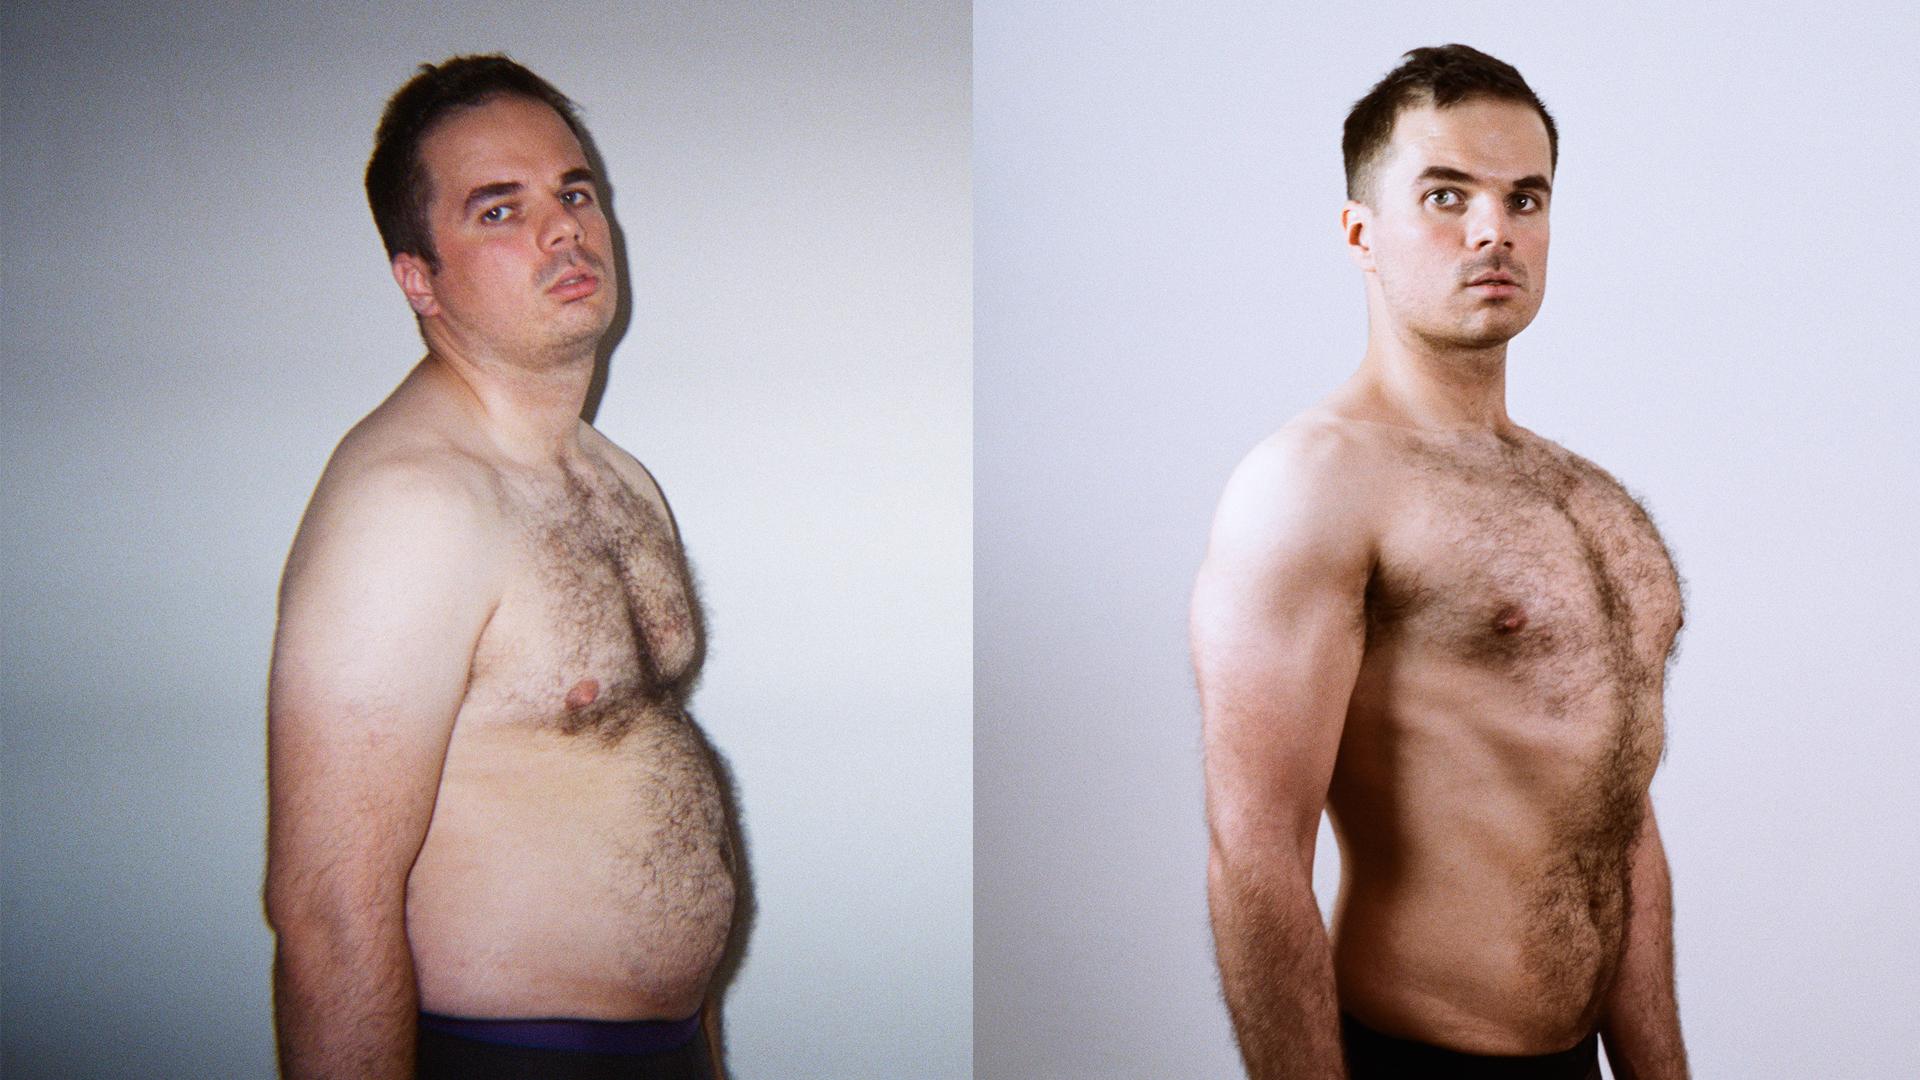 Bajar de peso 30 kilos en 6 meses juntos